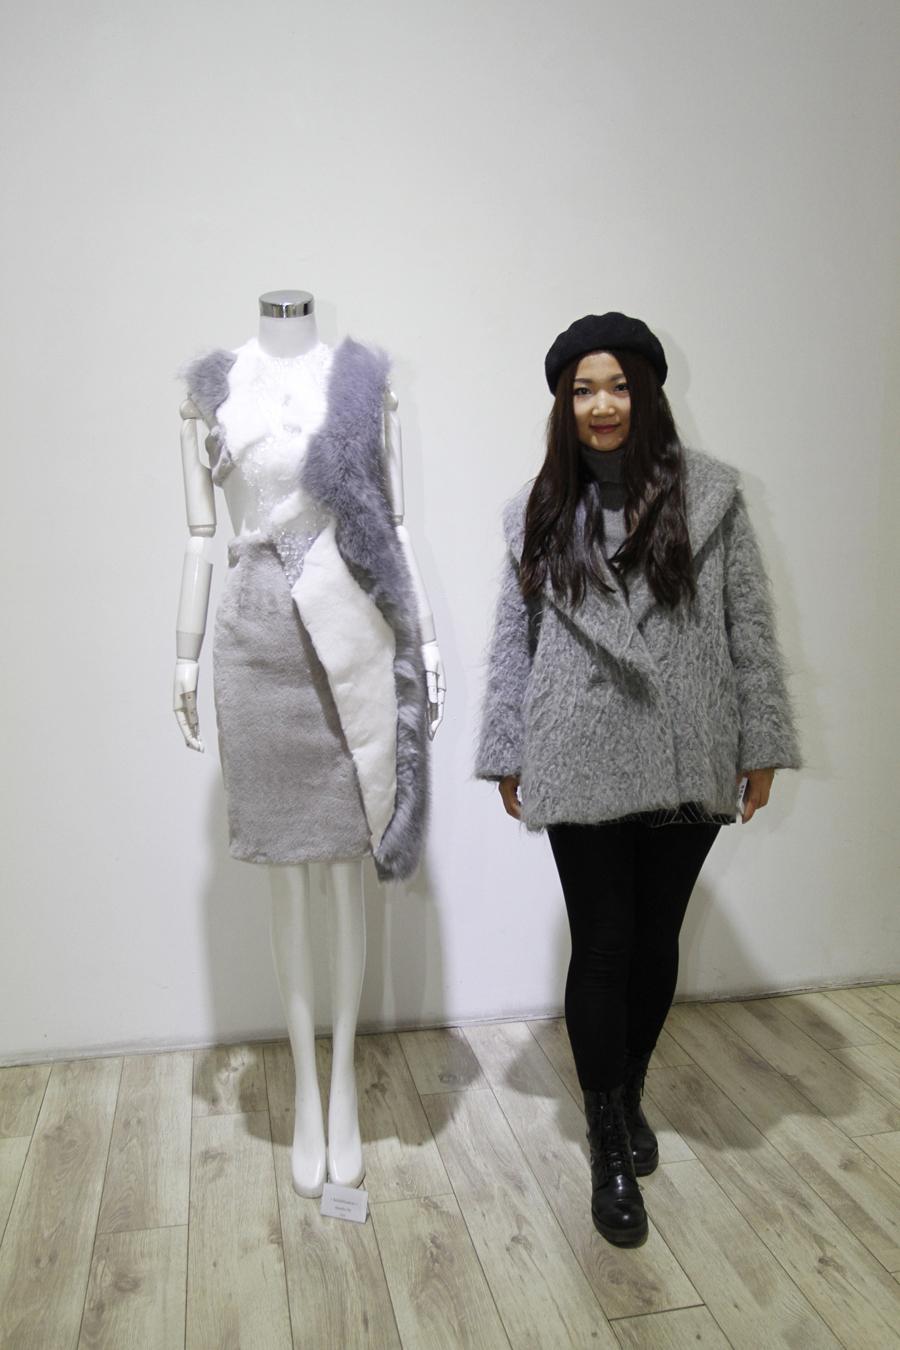 2015 Fashion Art hisheji 01 (16)